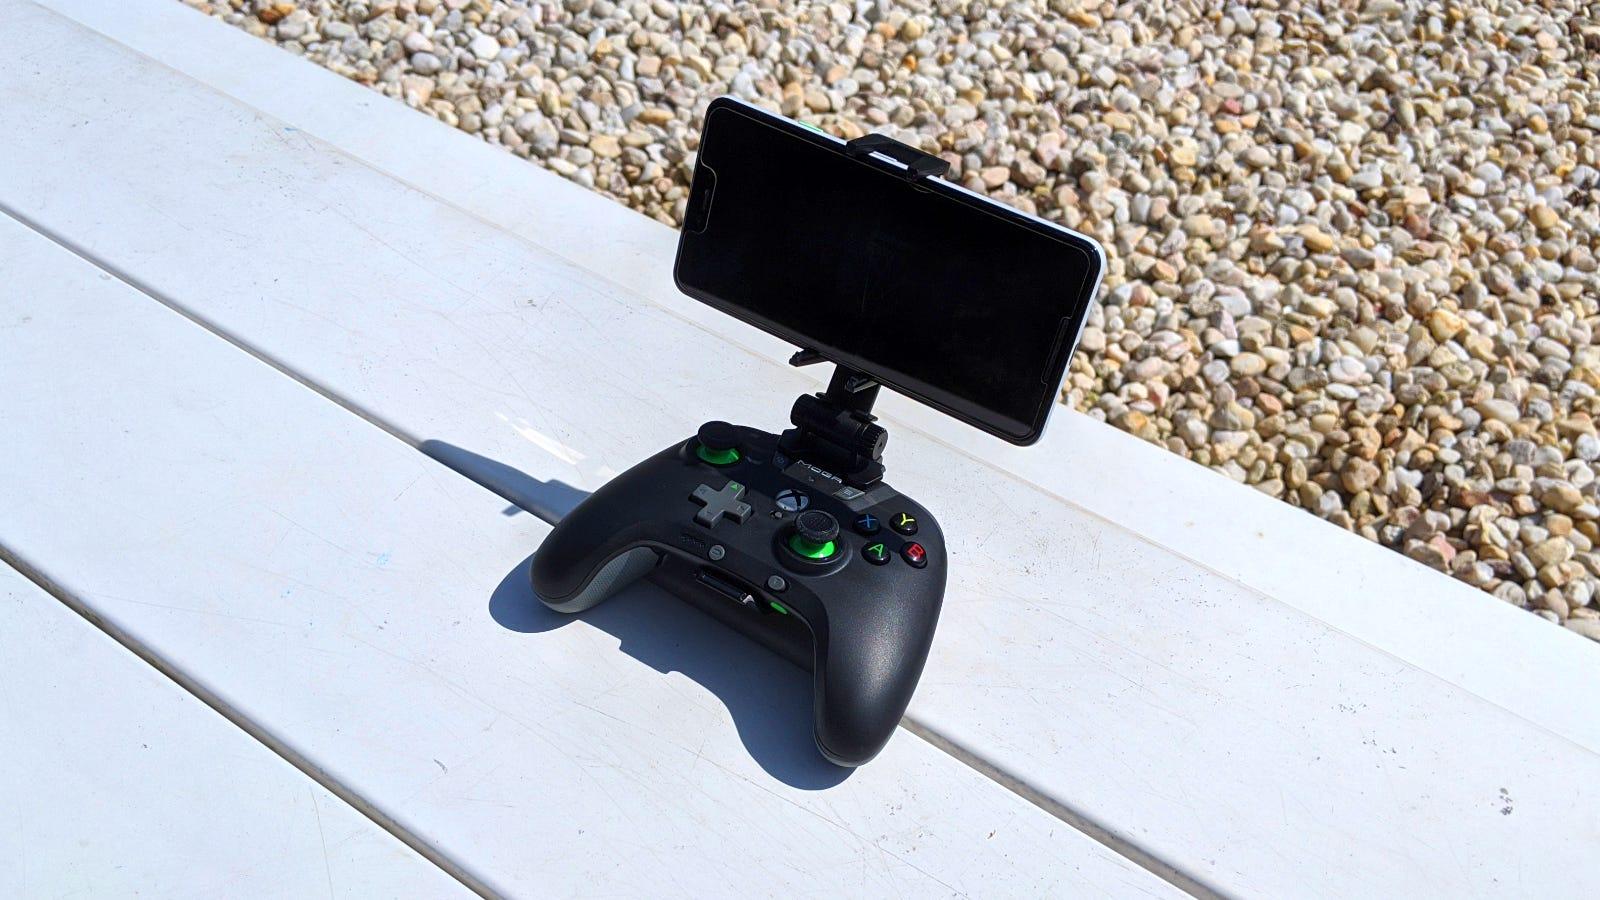 MOGA XP5-X With Phone